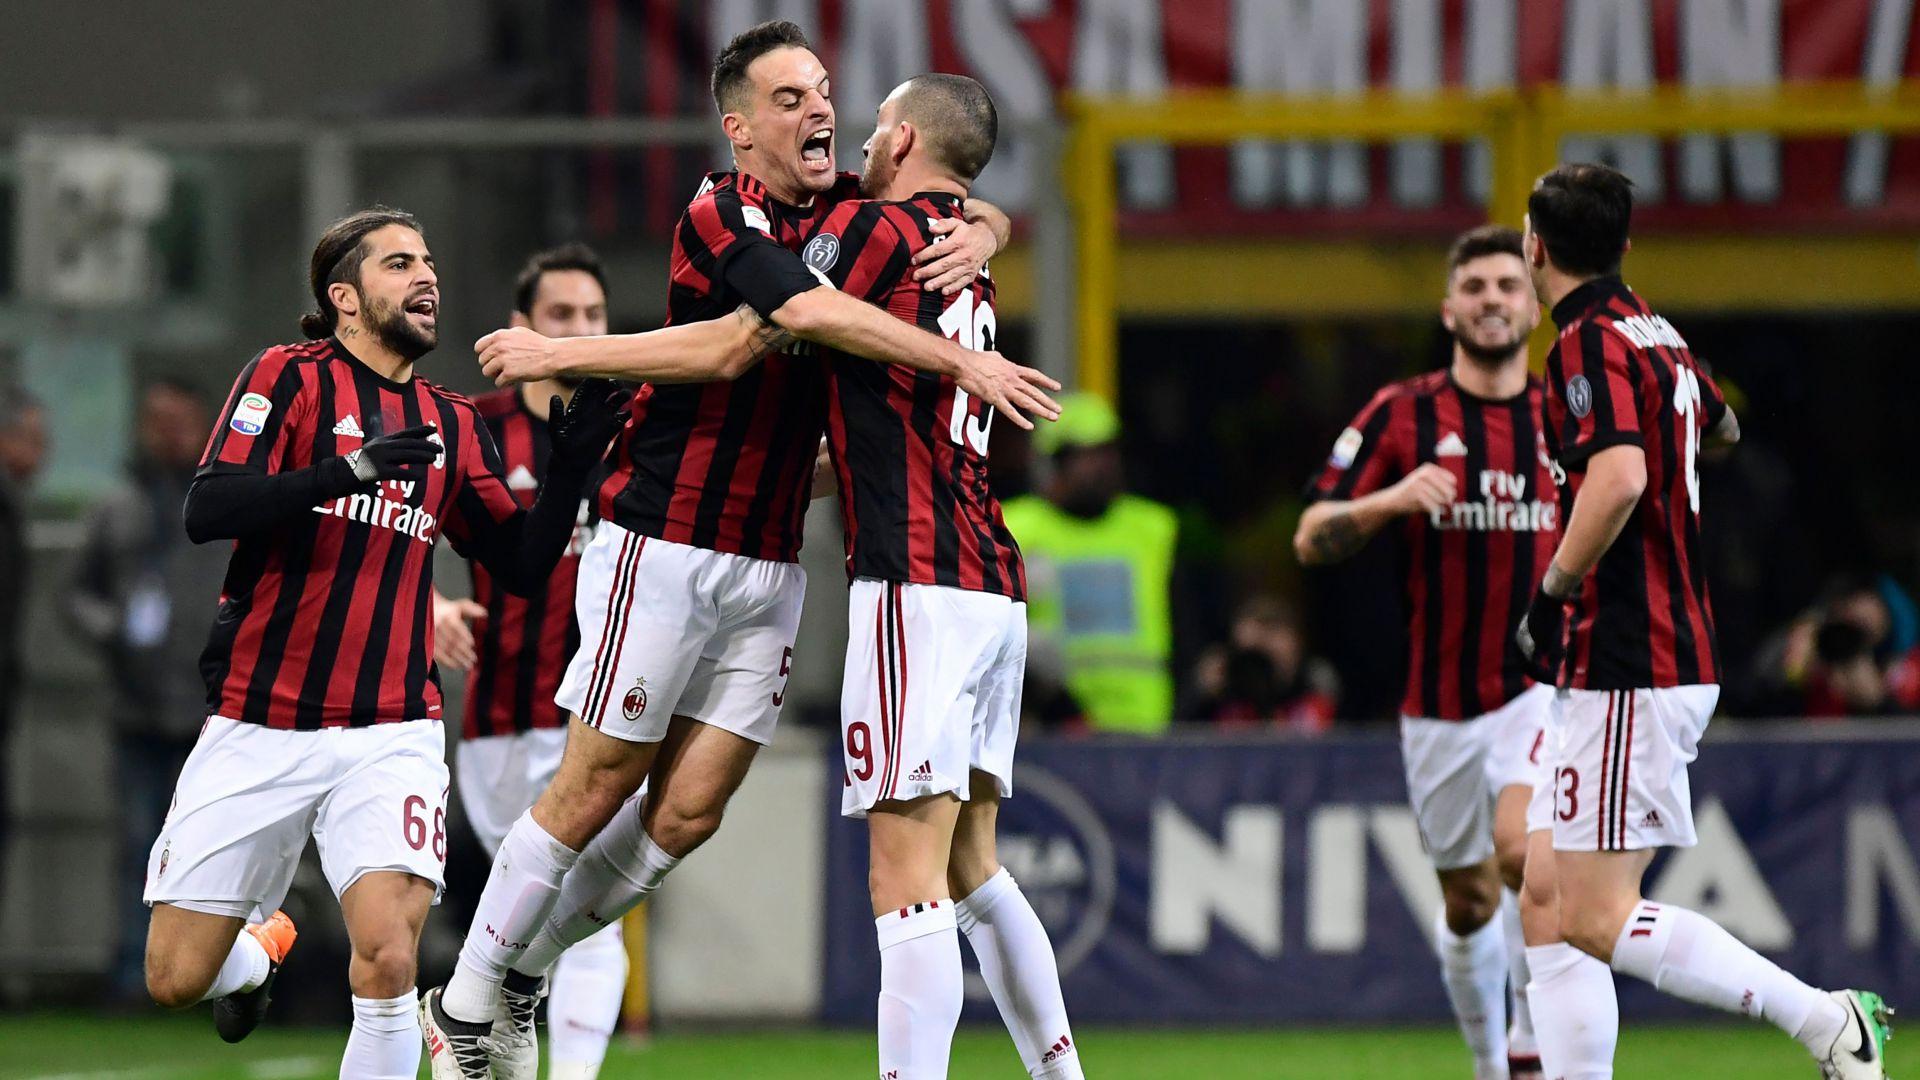 Milan celebrates Giacomo Bonaventura goal vs. Sampdoria 18022018